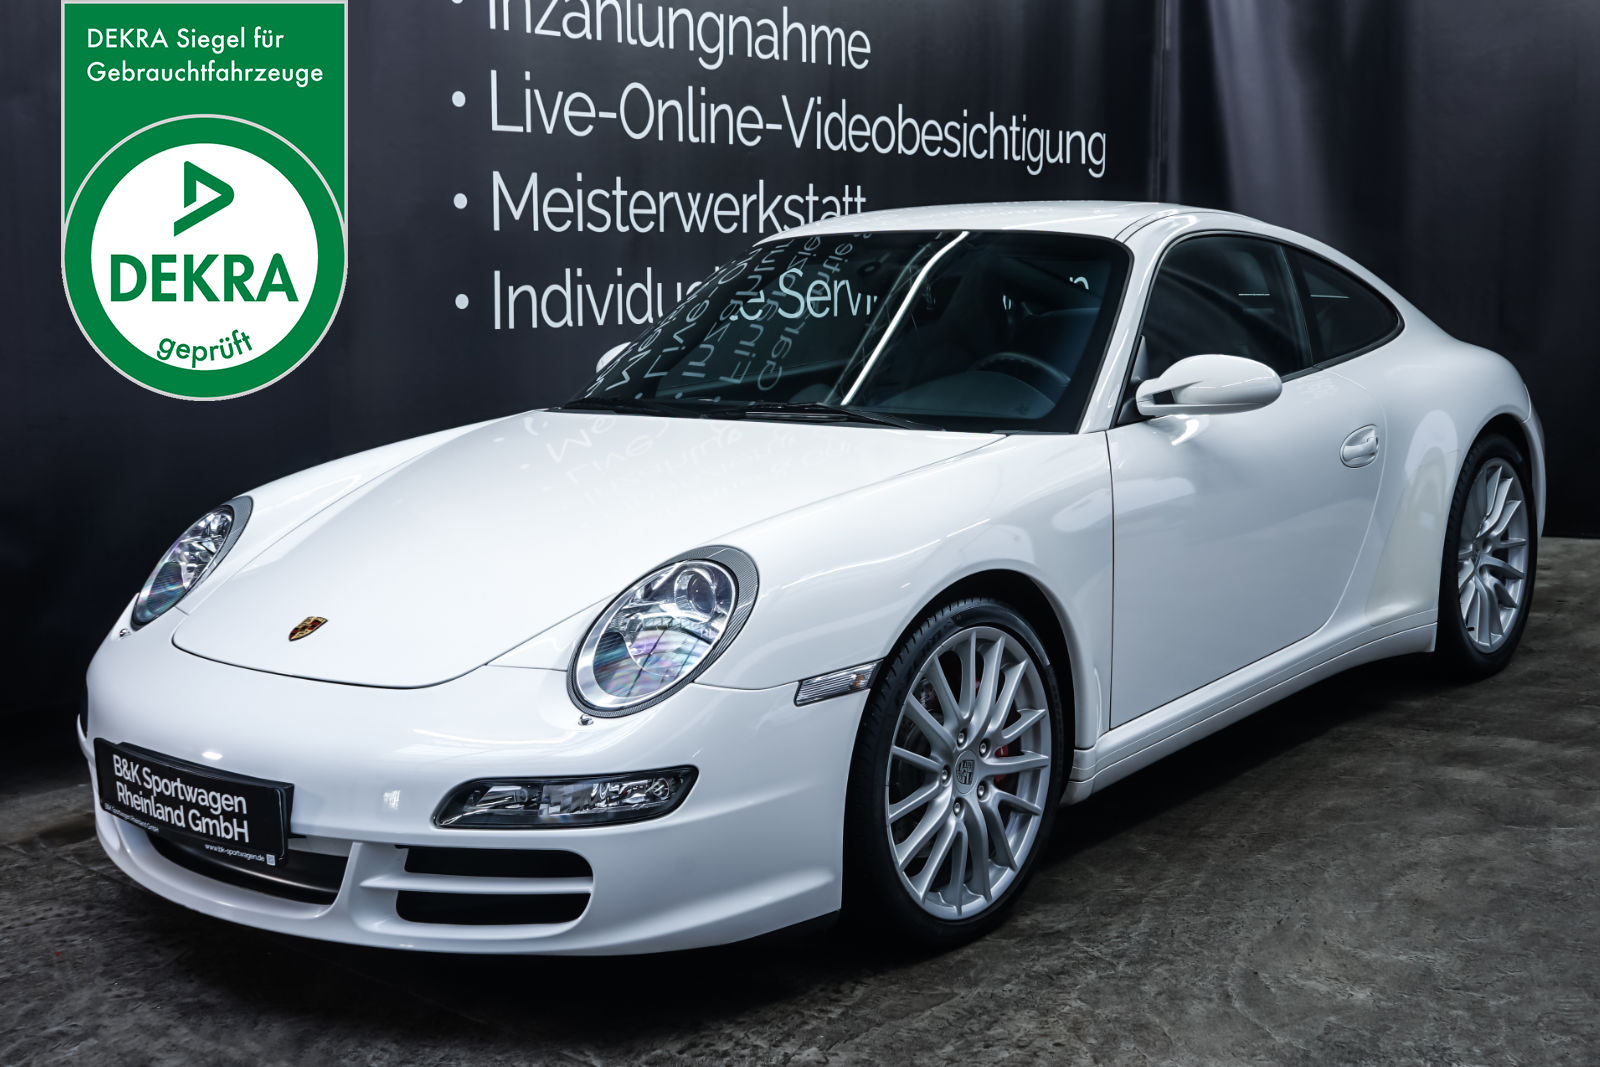 Porsche_997_Carrera4S_Weiß_SChwarz_POR-1914_Plakette_w